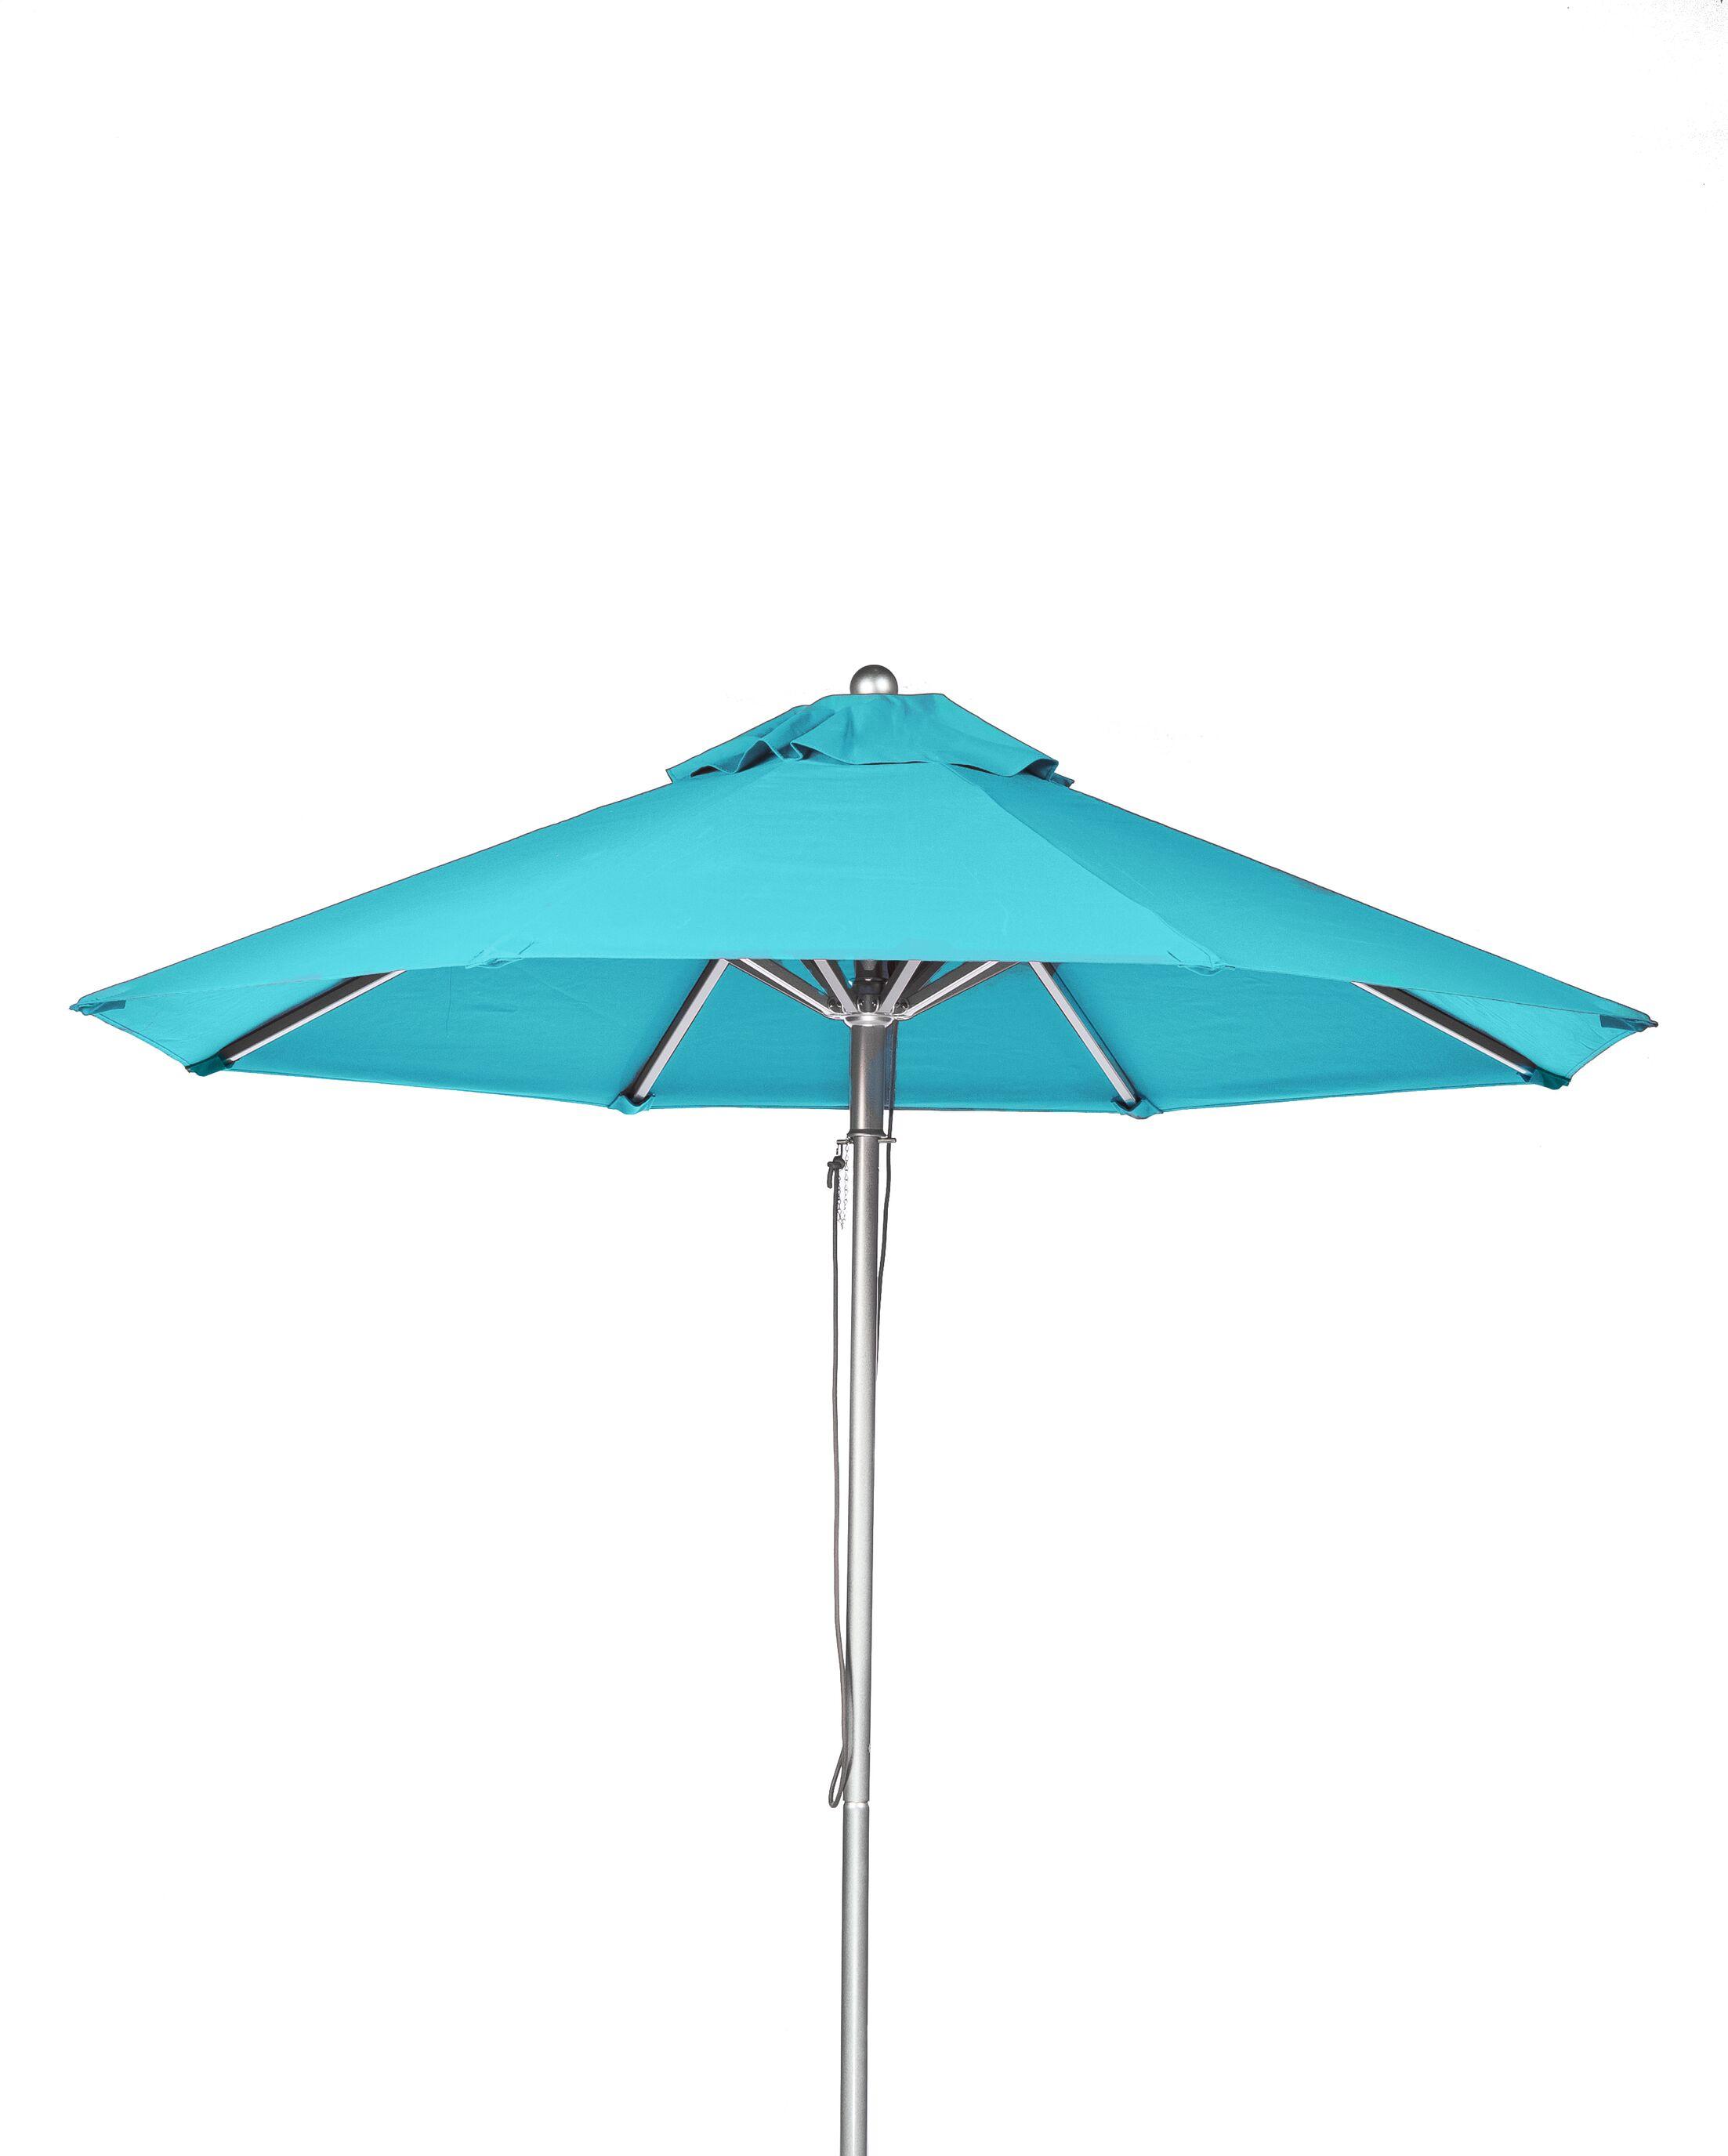 11' Market Umbrella Fabric: Turquoise